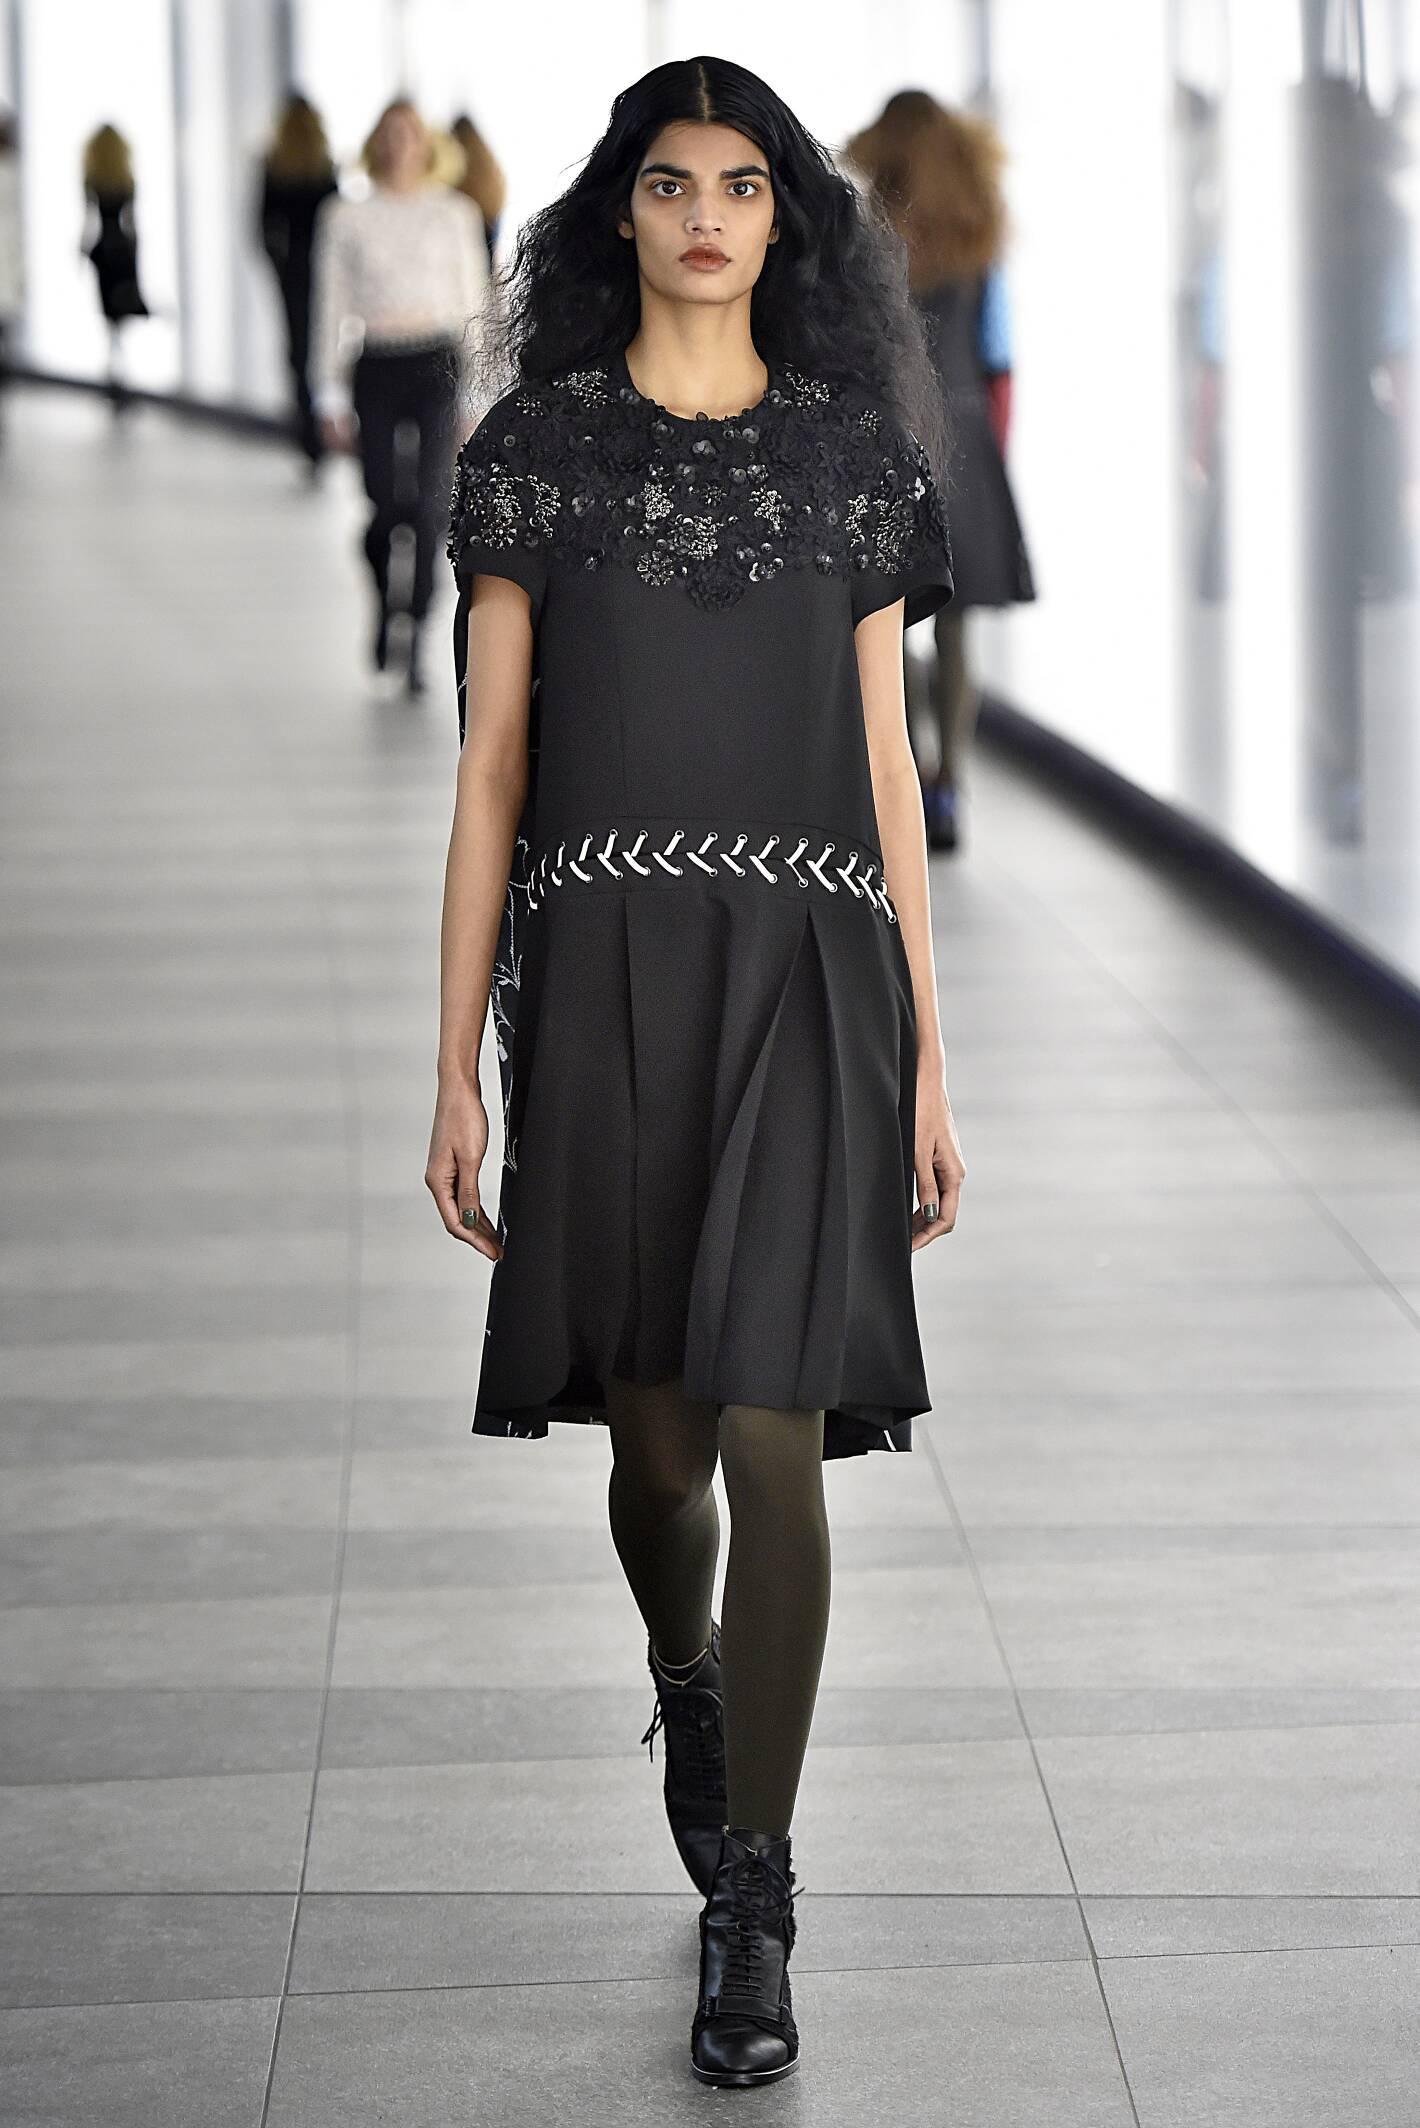 Preen by Thornton Bregazzi Collection London Fashion Week